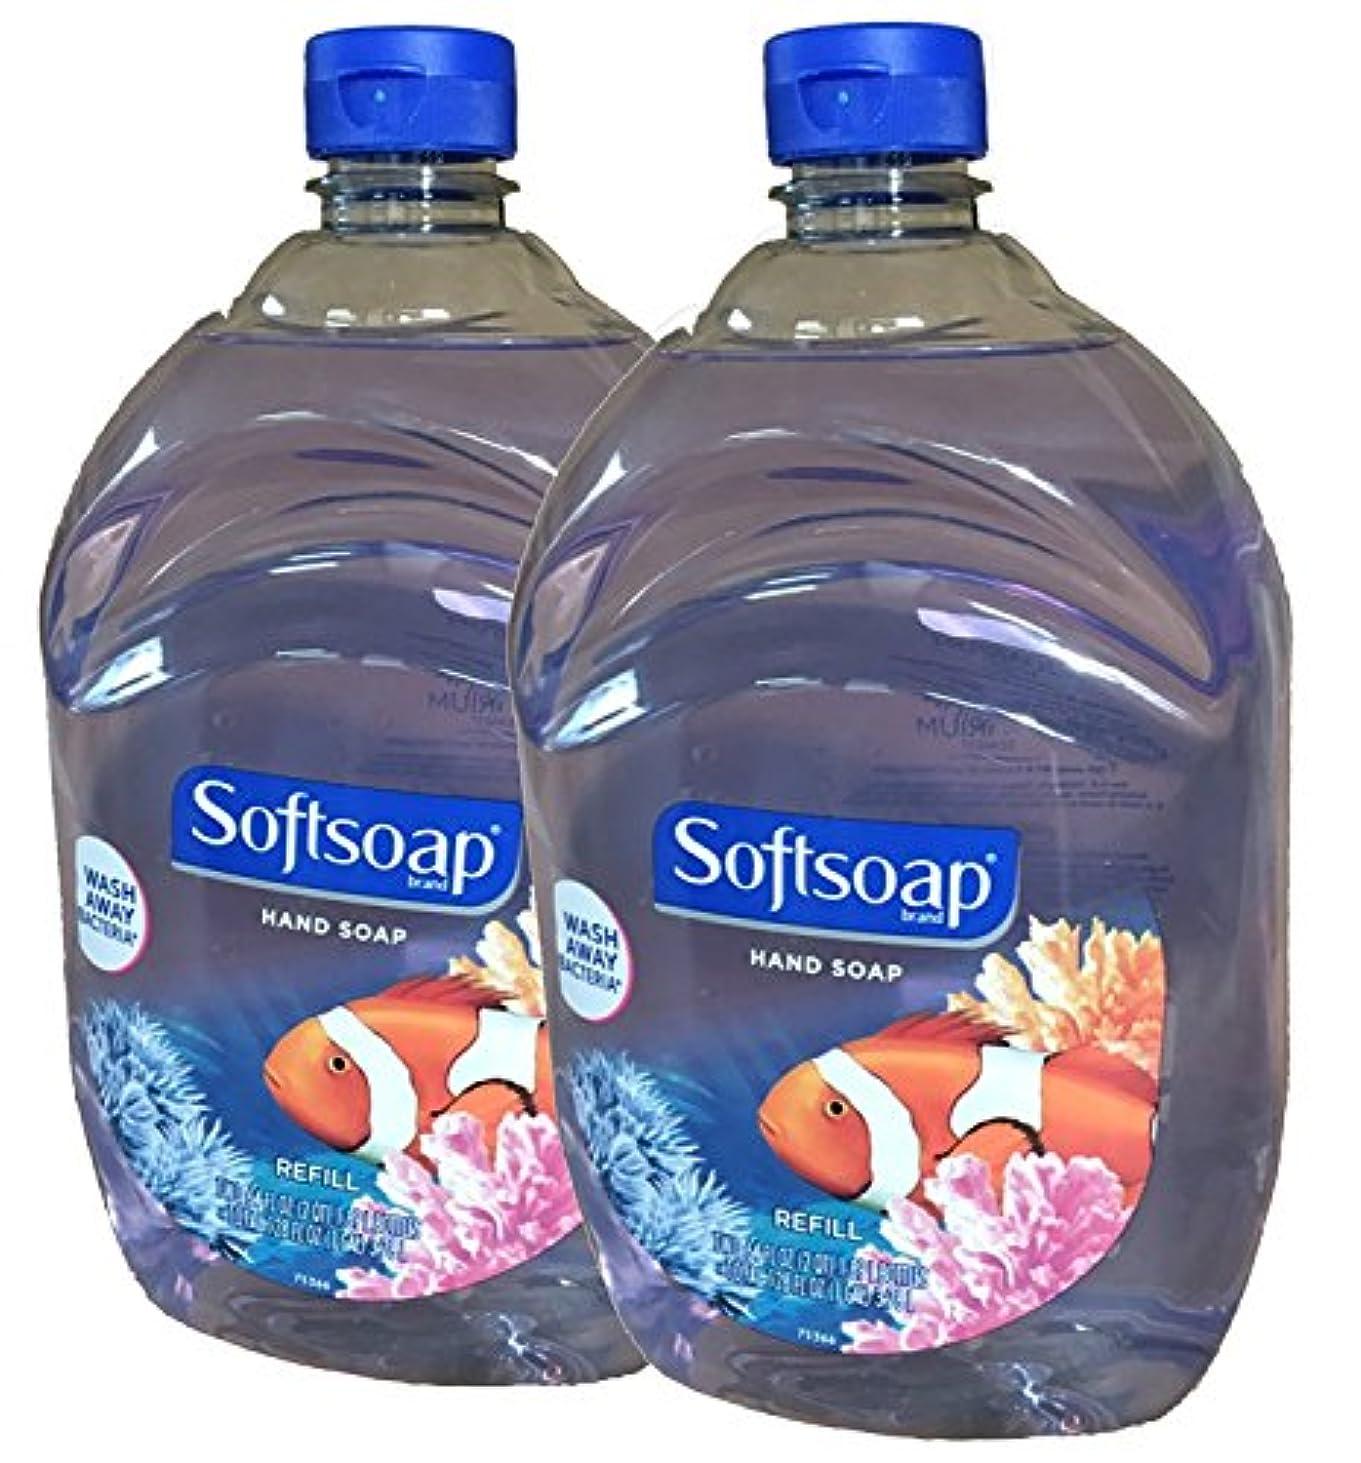 検証田舎者債権者Softsoap Liquid Hand Soap, Aquarium Series, 64-Ounce Refill Bottle (Pack of 2) by Softsoap